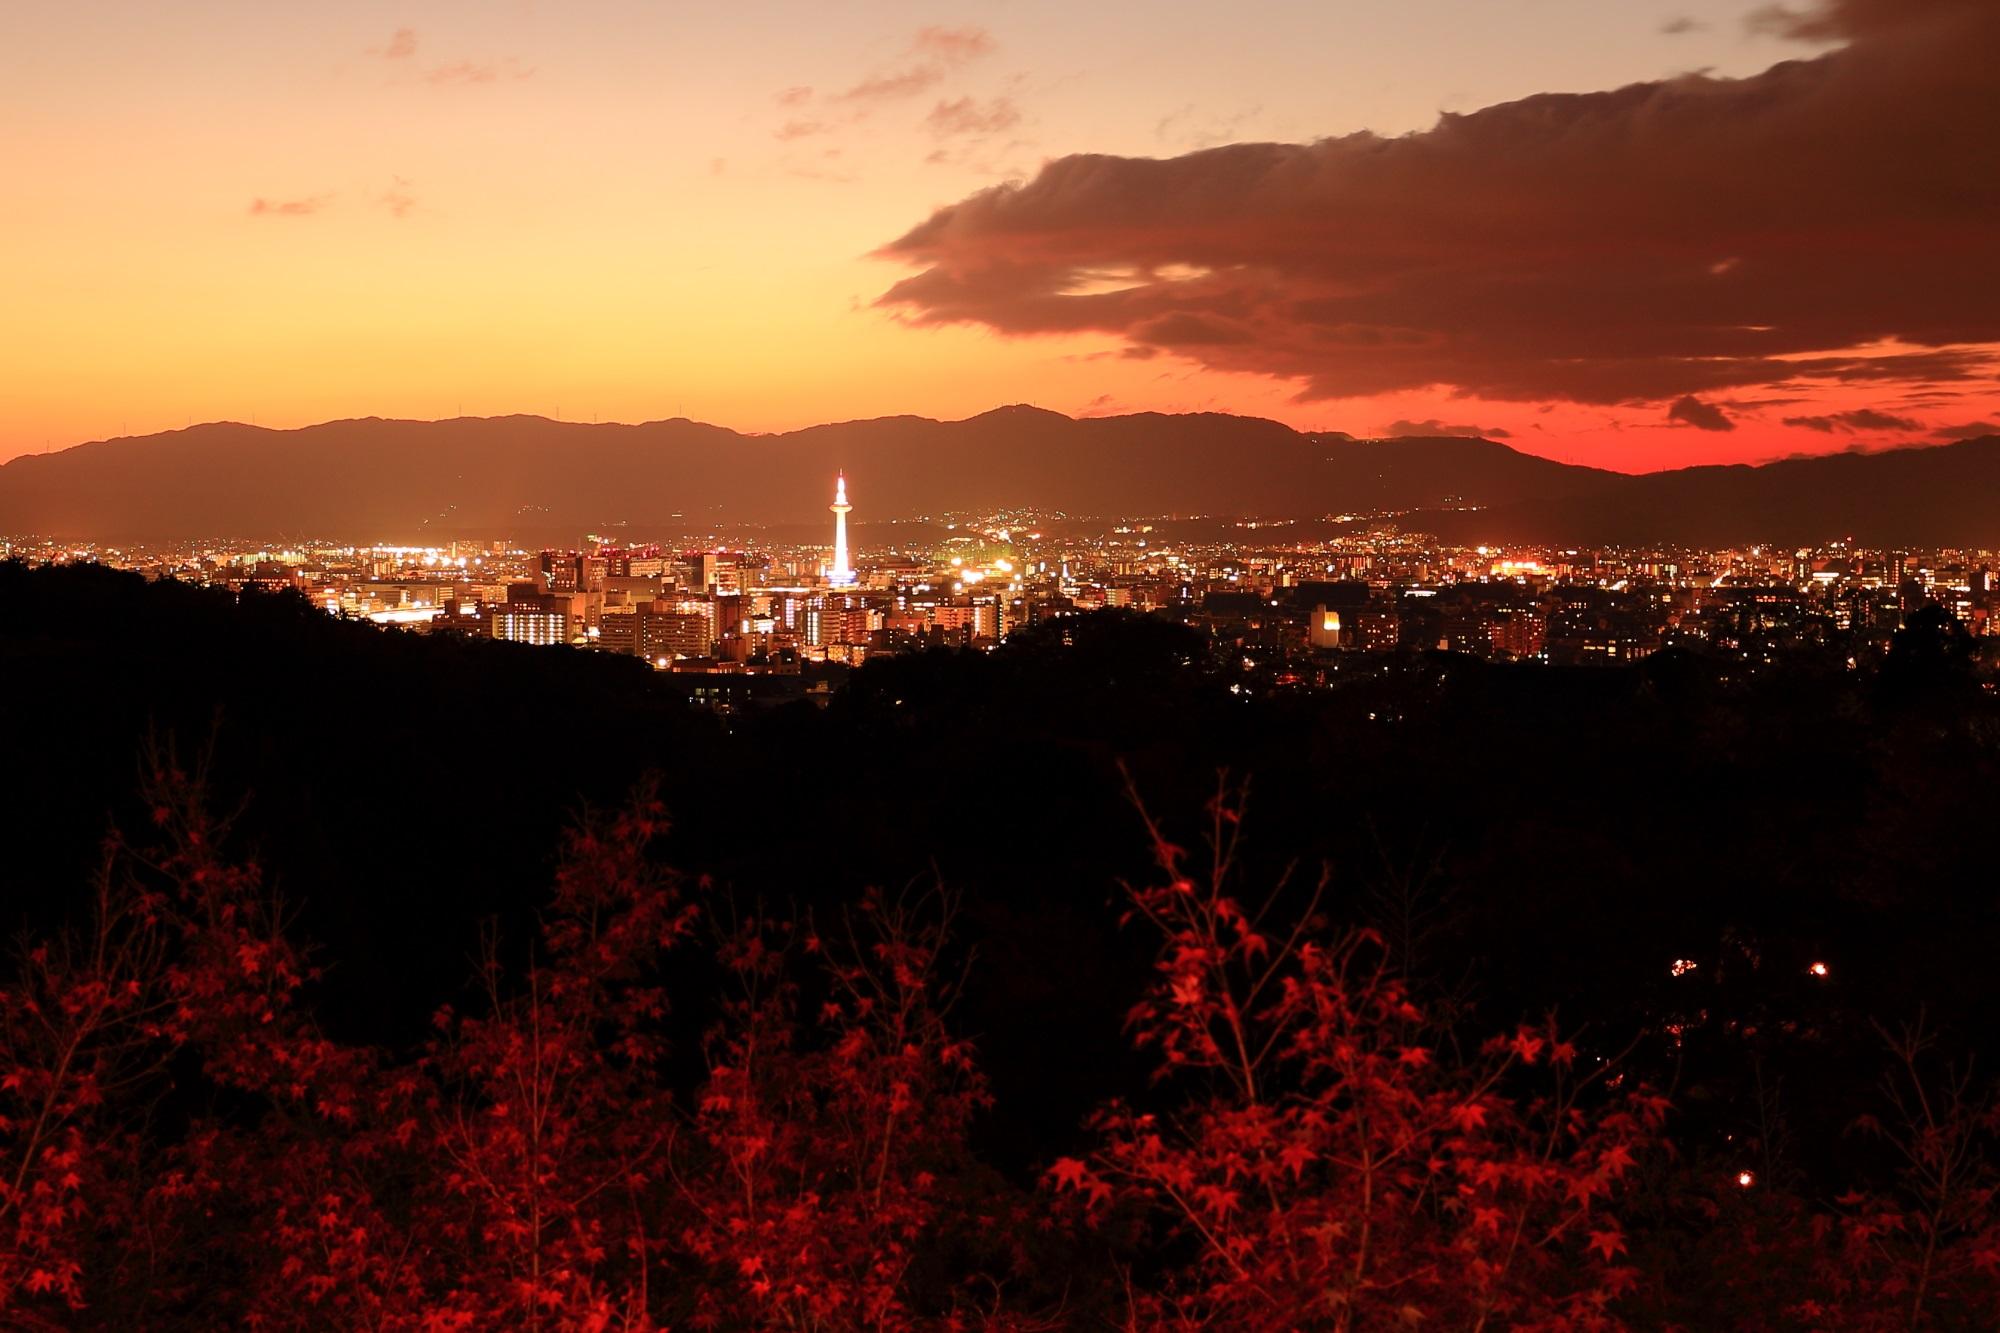 清水寺から眺めた夕焼けにつつまれた紅葉と京都タワー